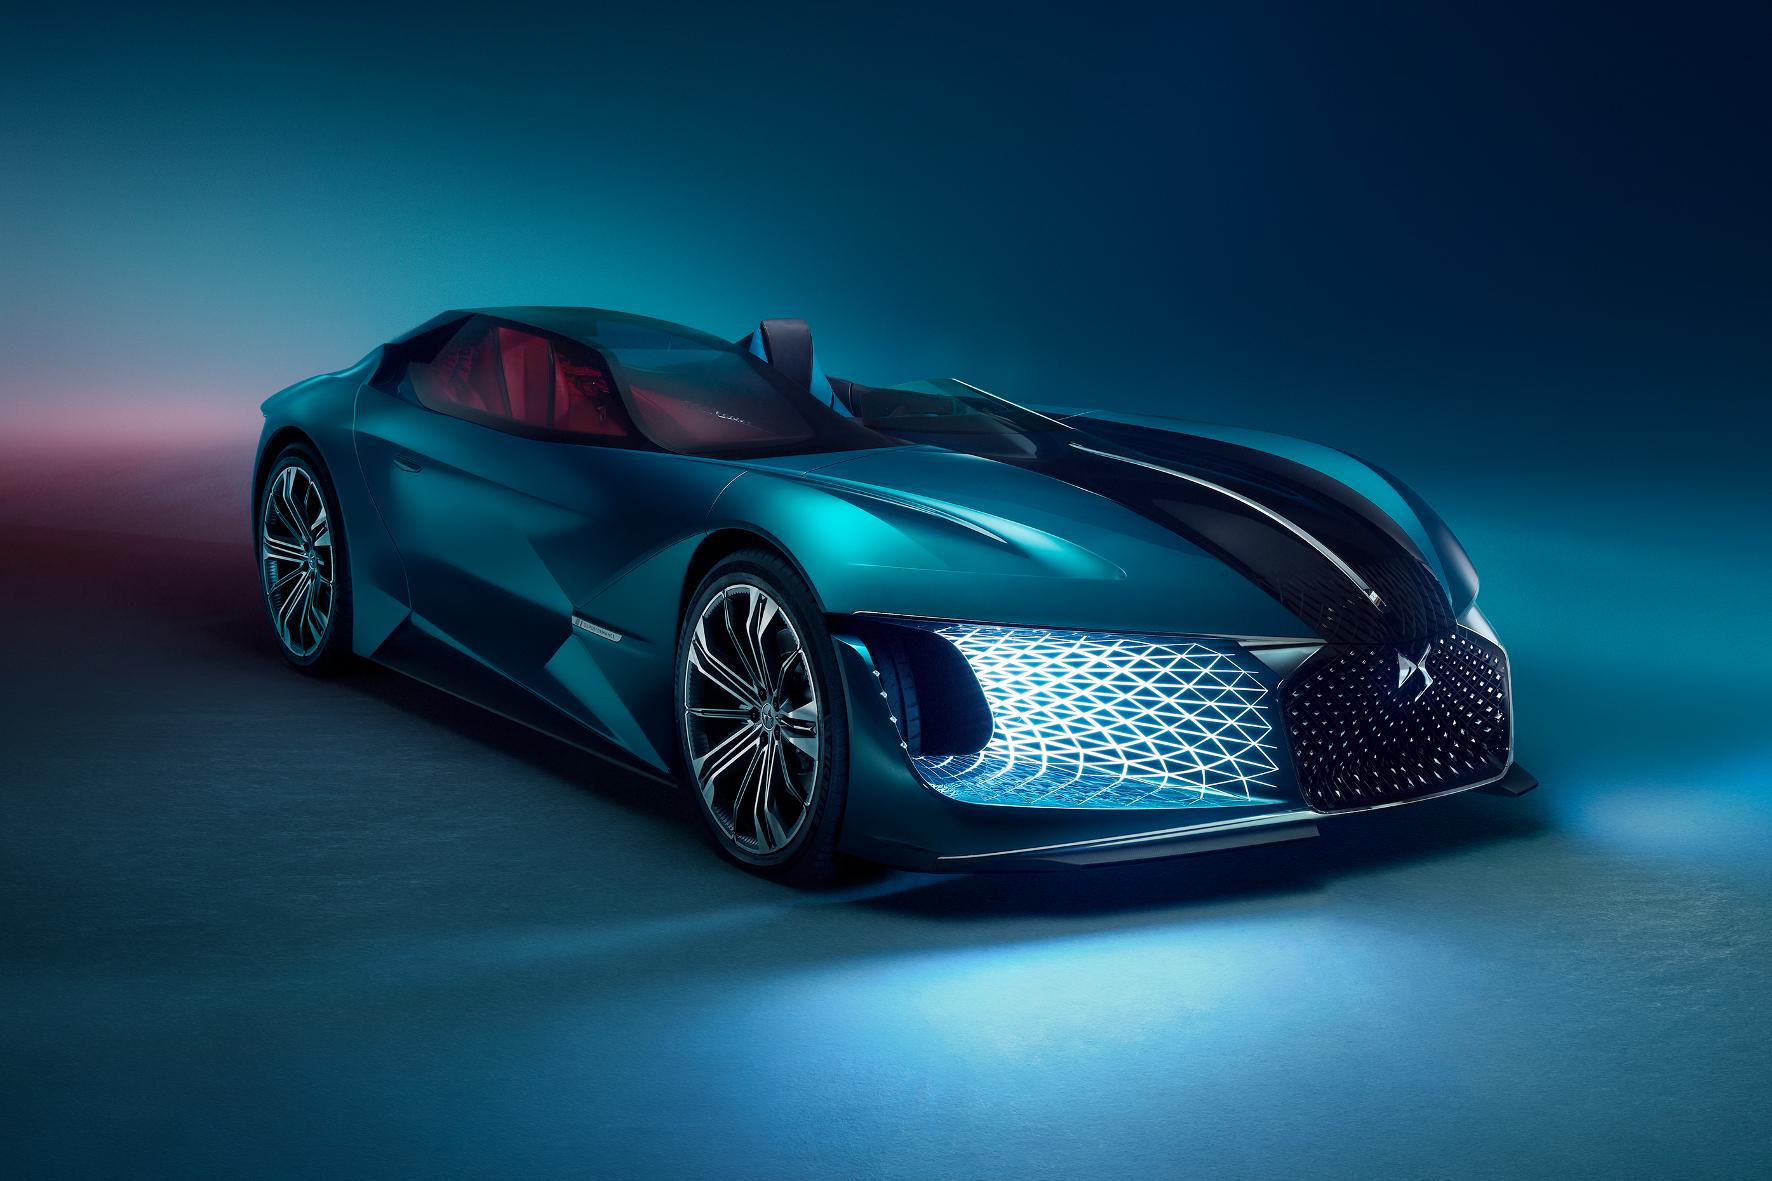 Der E-Sportwagen gleicht mehr einer Skulptur als einem Auto. Fahrer- und Beifahrer-Kabine sind getrennt und asymmetrisch angeordnet.